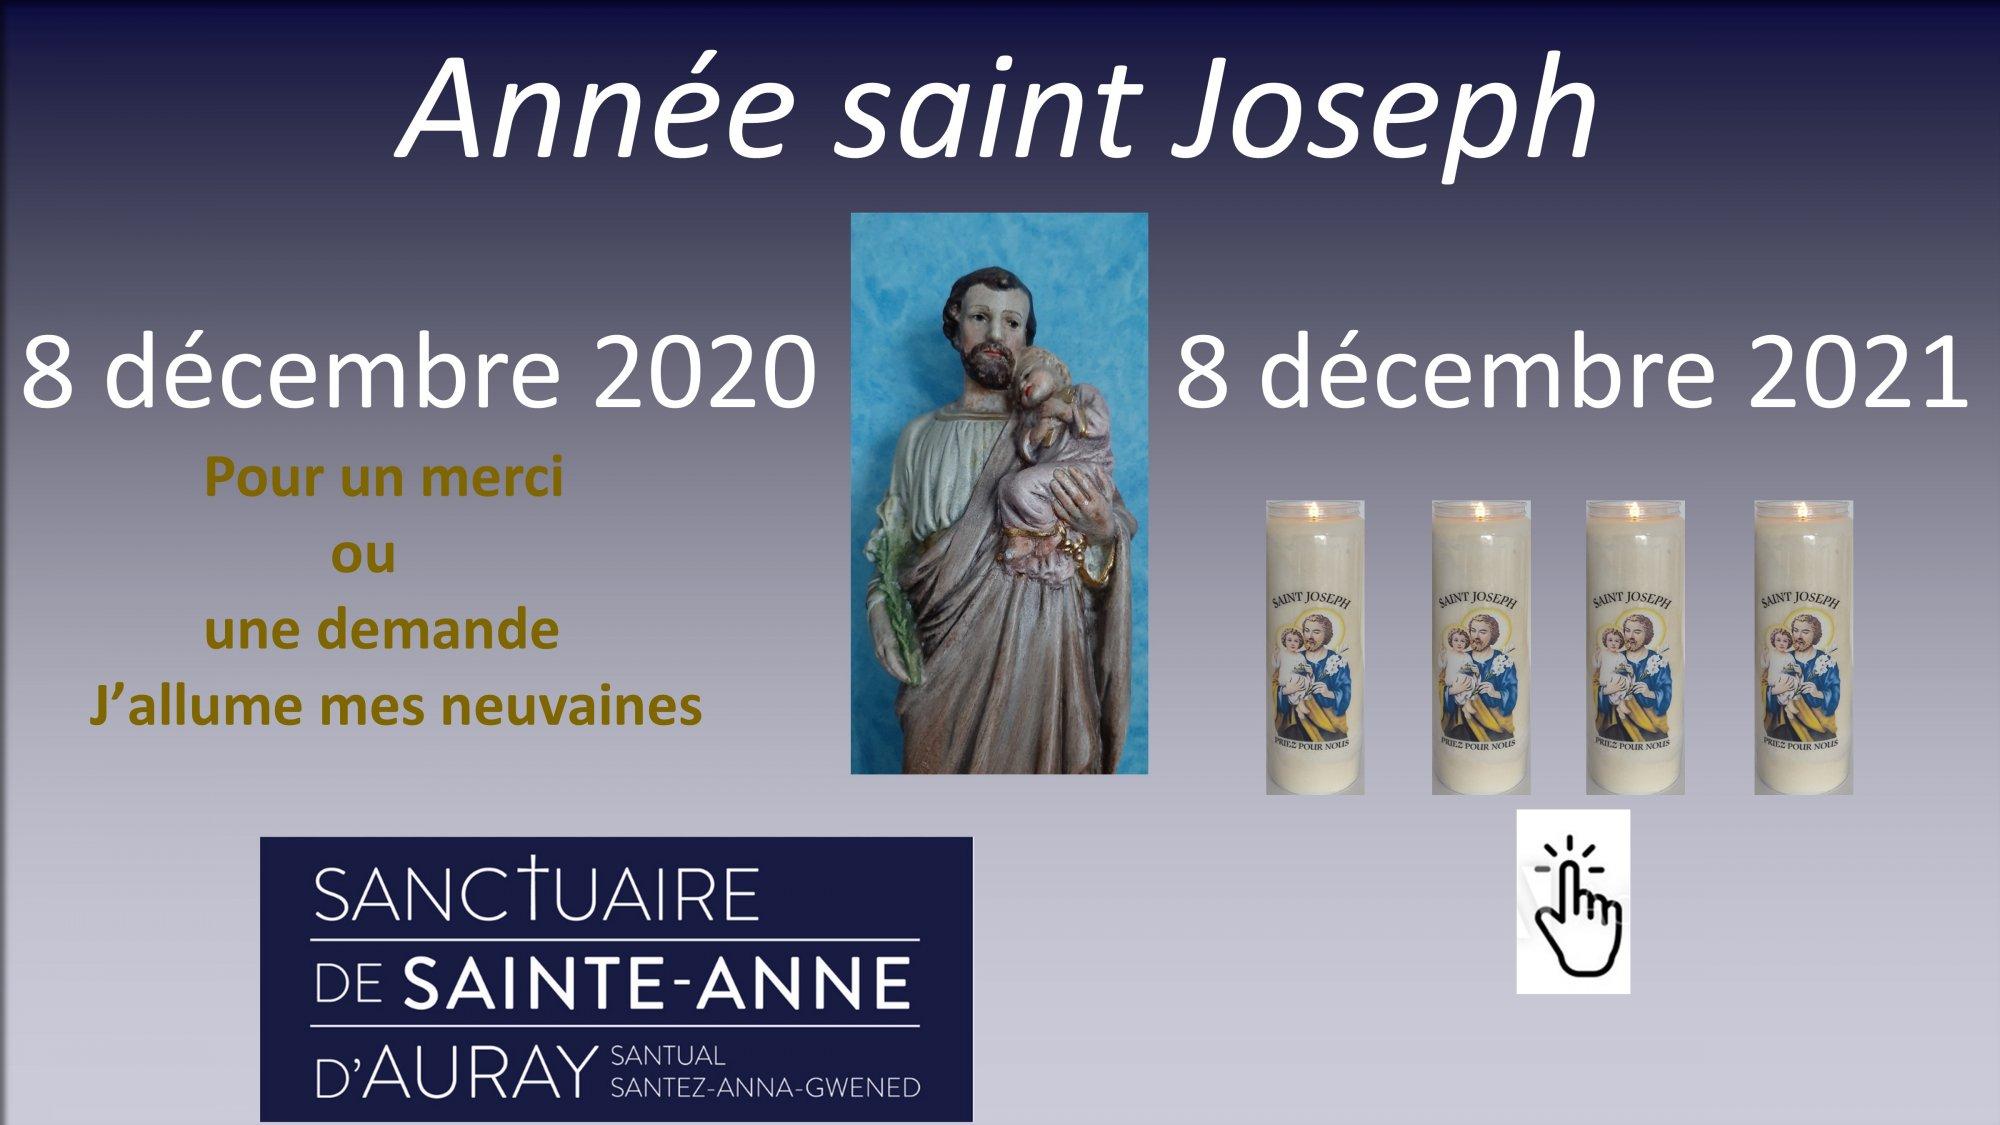 140579-8-decembre-2020-annee-saint-joseph-8-decembre-2021